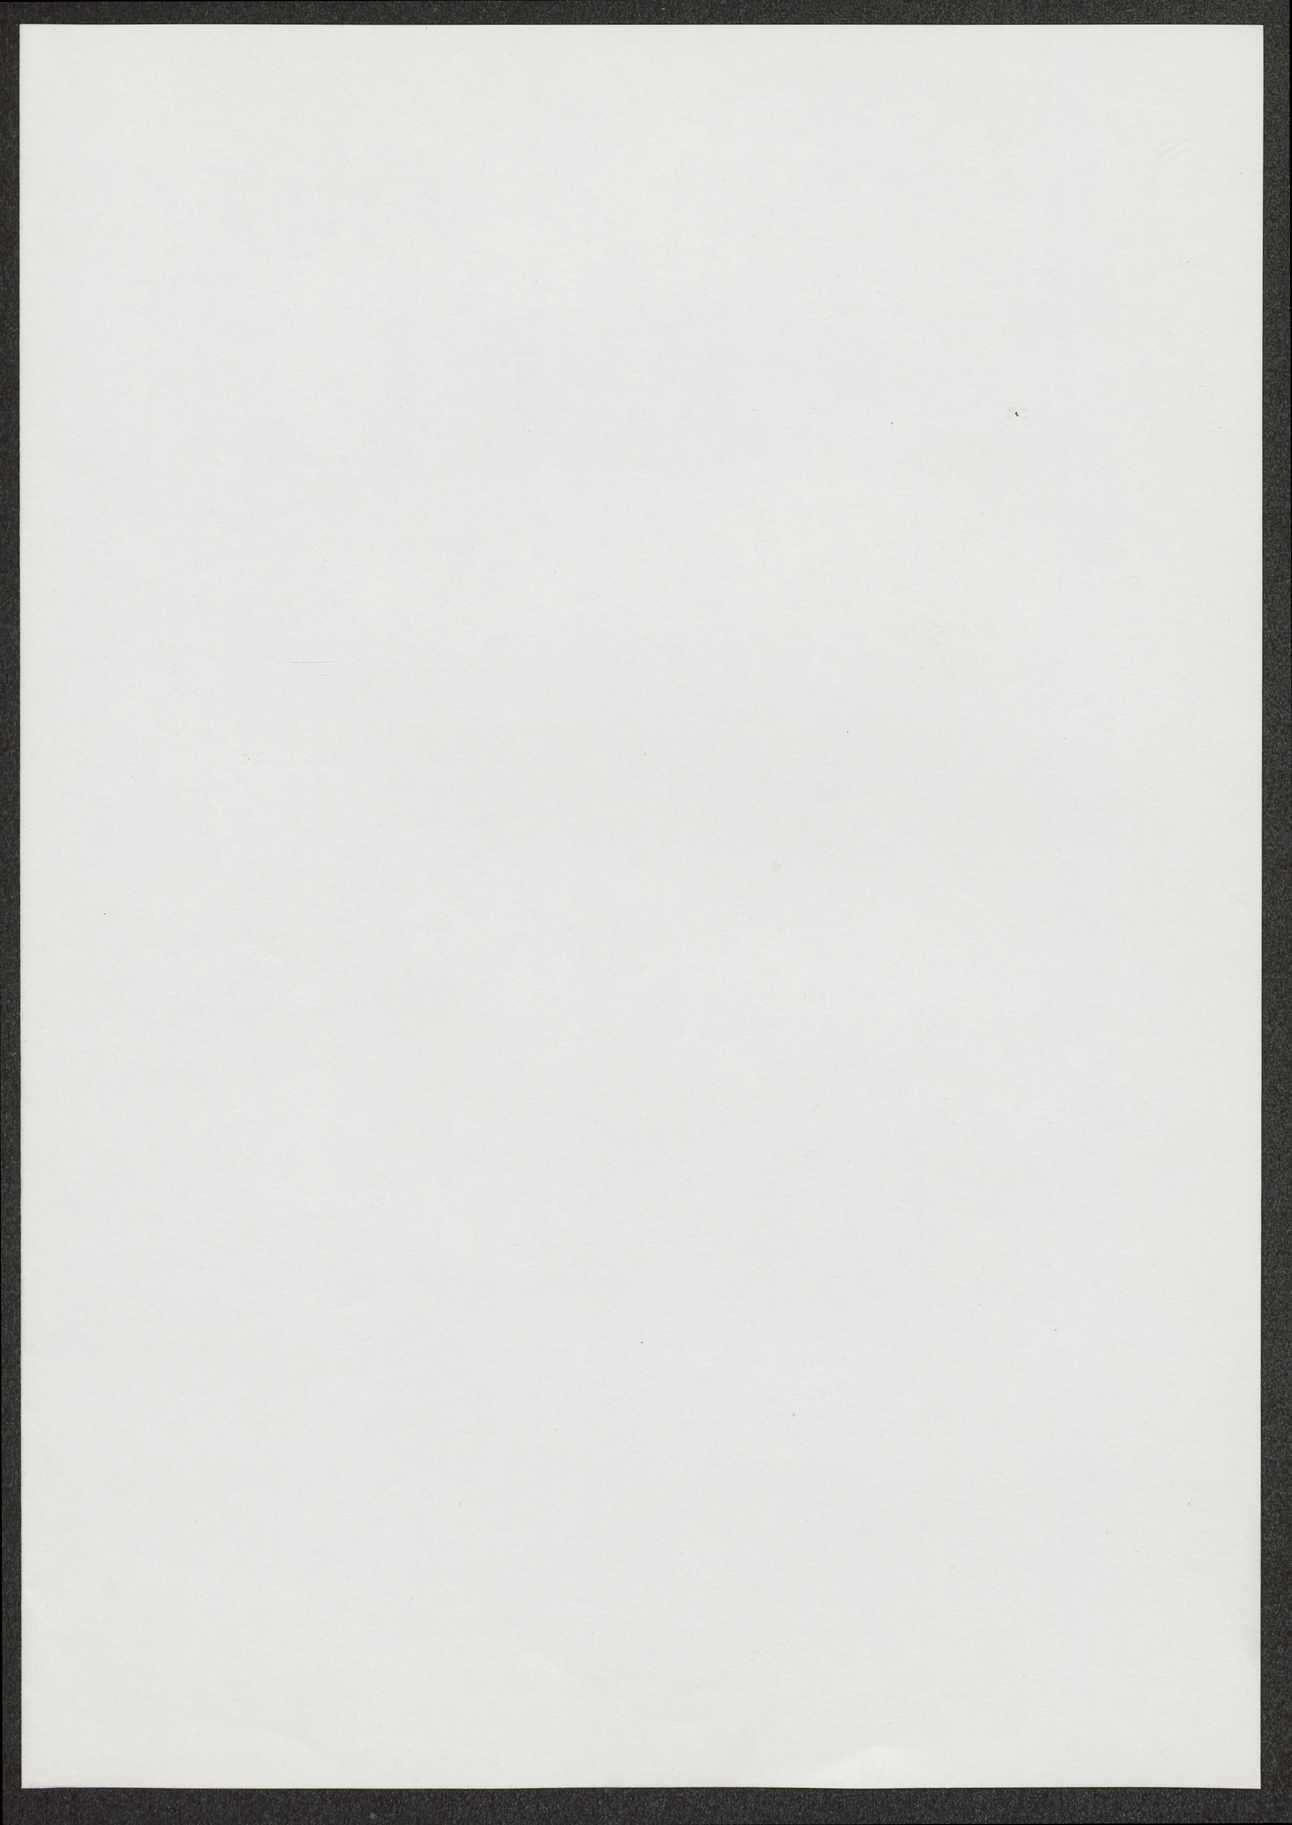 Auszahlung von Futtergeld an Rittmeister, Freiherr von Hage in Dillingen, Bild 1